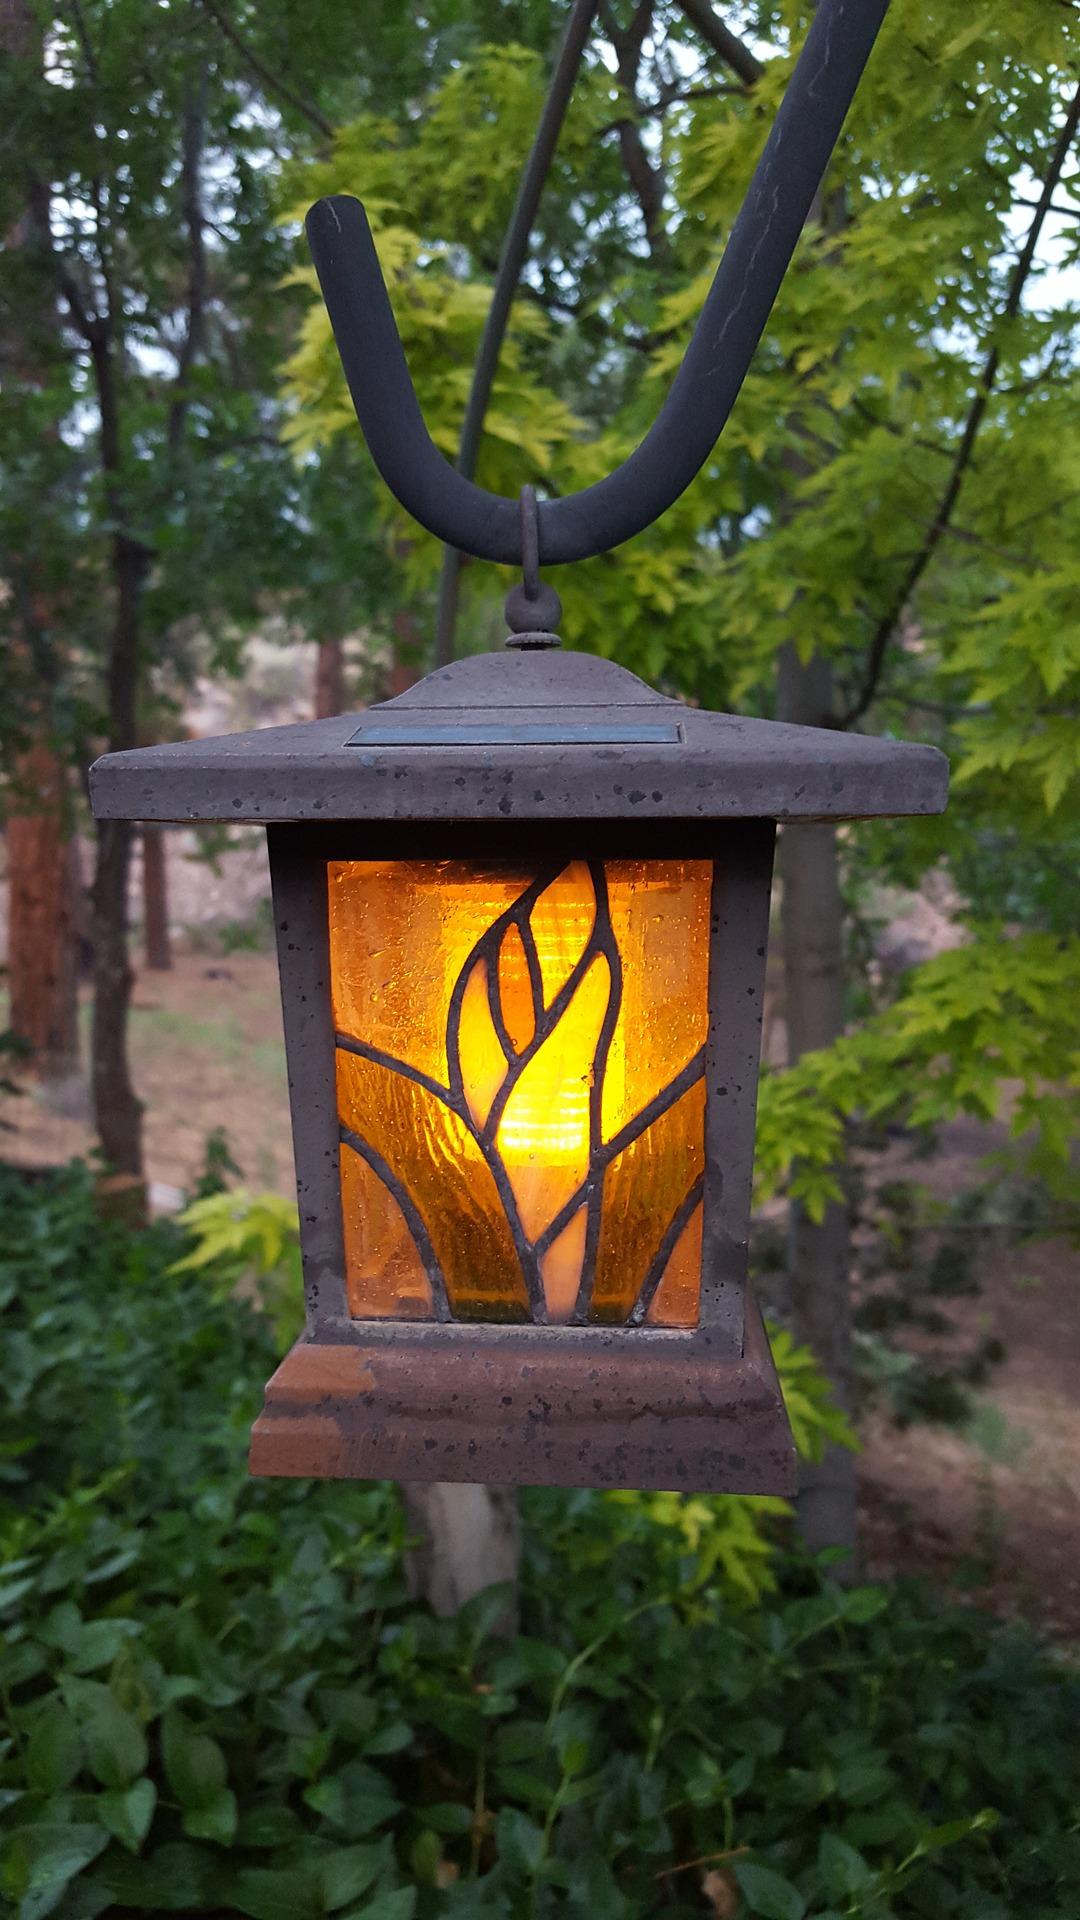 lamp-851903_1920.jpg